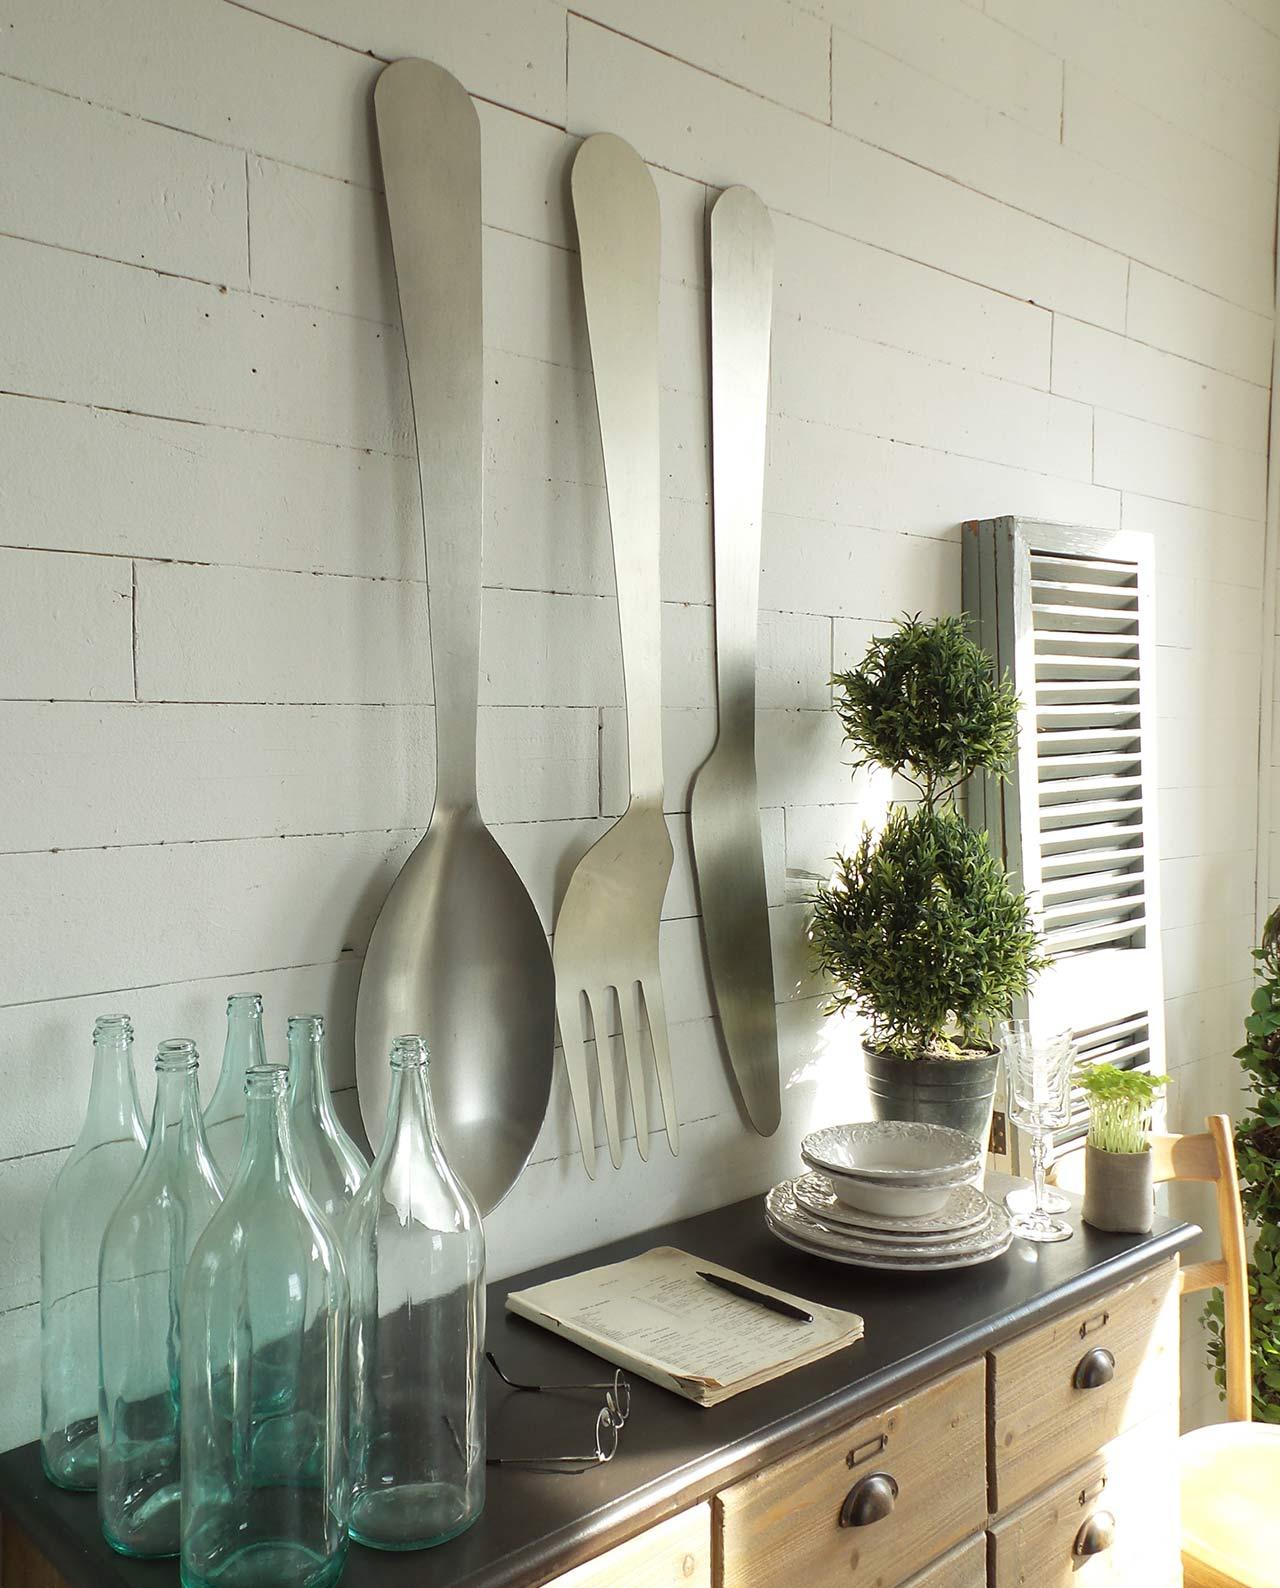 Pannello decorativo da parete posate in metallo set 3 pz - Pannello decorativo parete ...